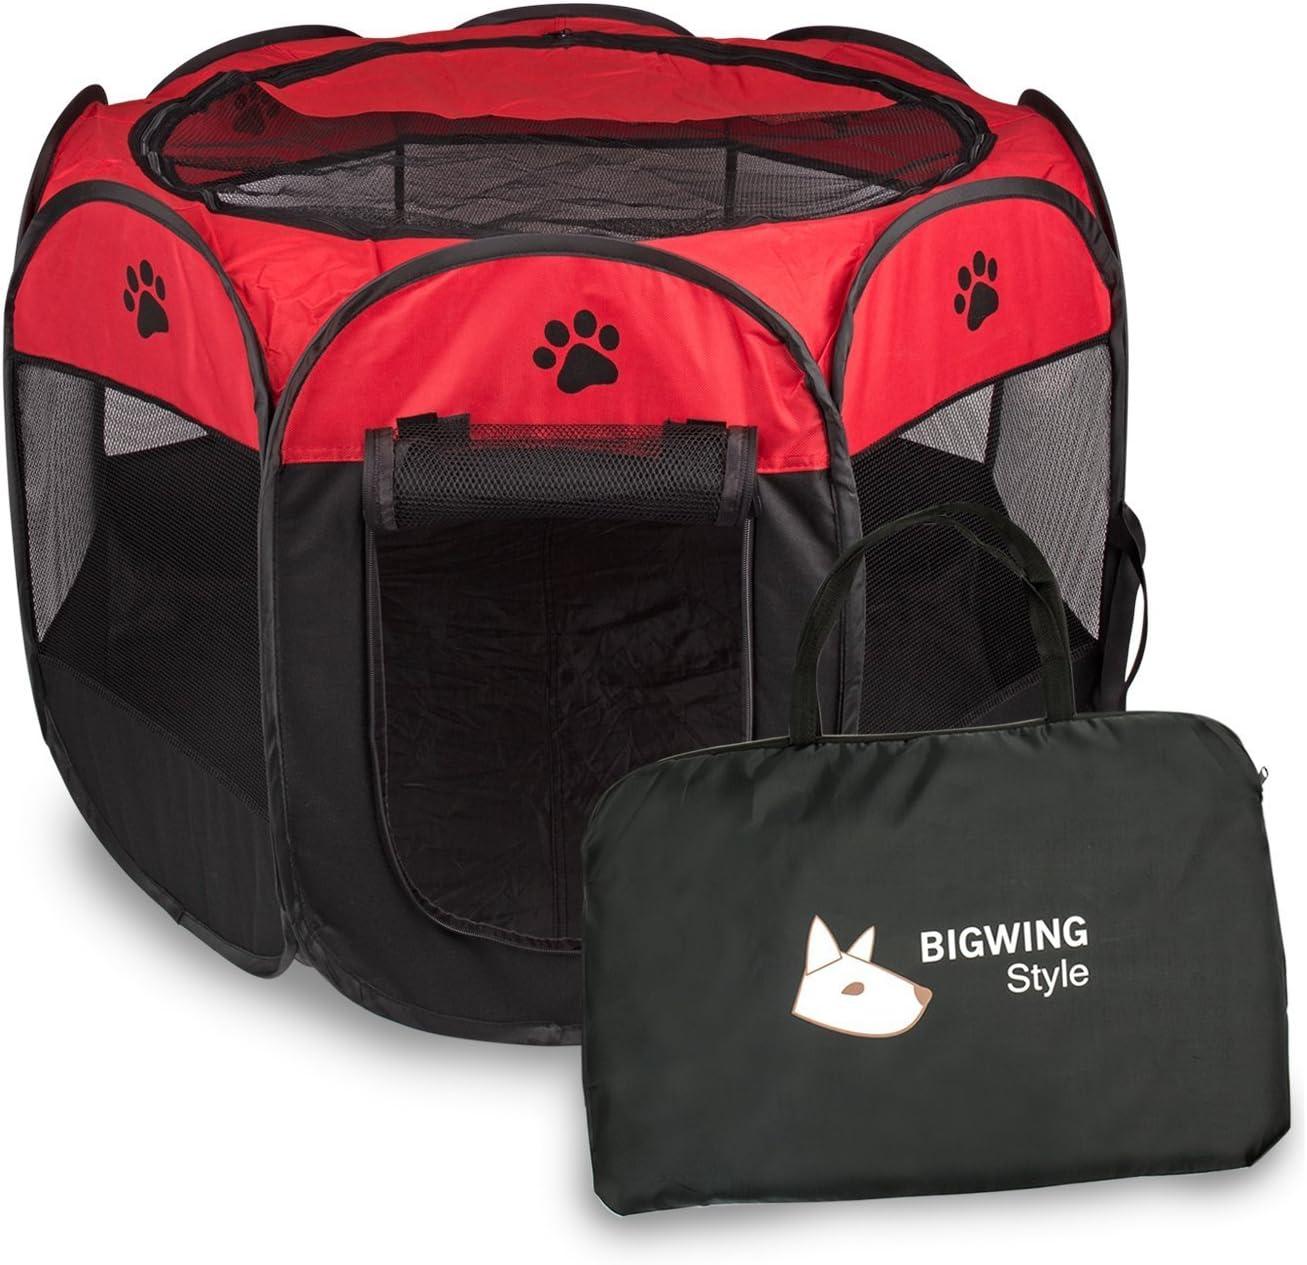 BIGWING Style Parque Mascota de Juego Entrenamiento Dormitorio Perro Gato Conejo Octágono Plegable Lavable Durable 73x 73x 43 CM, Negro y Rojo